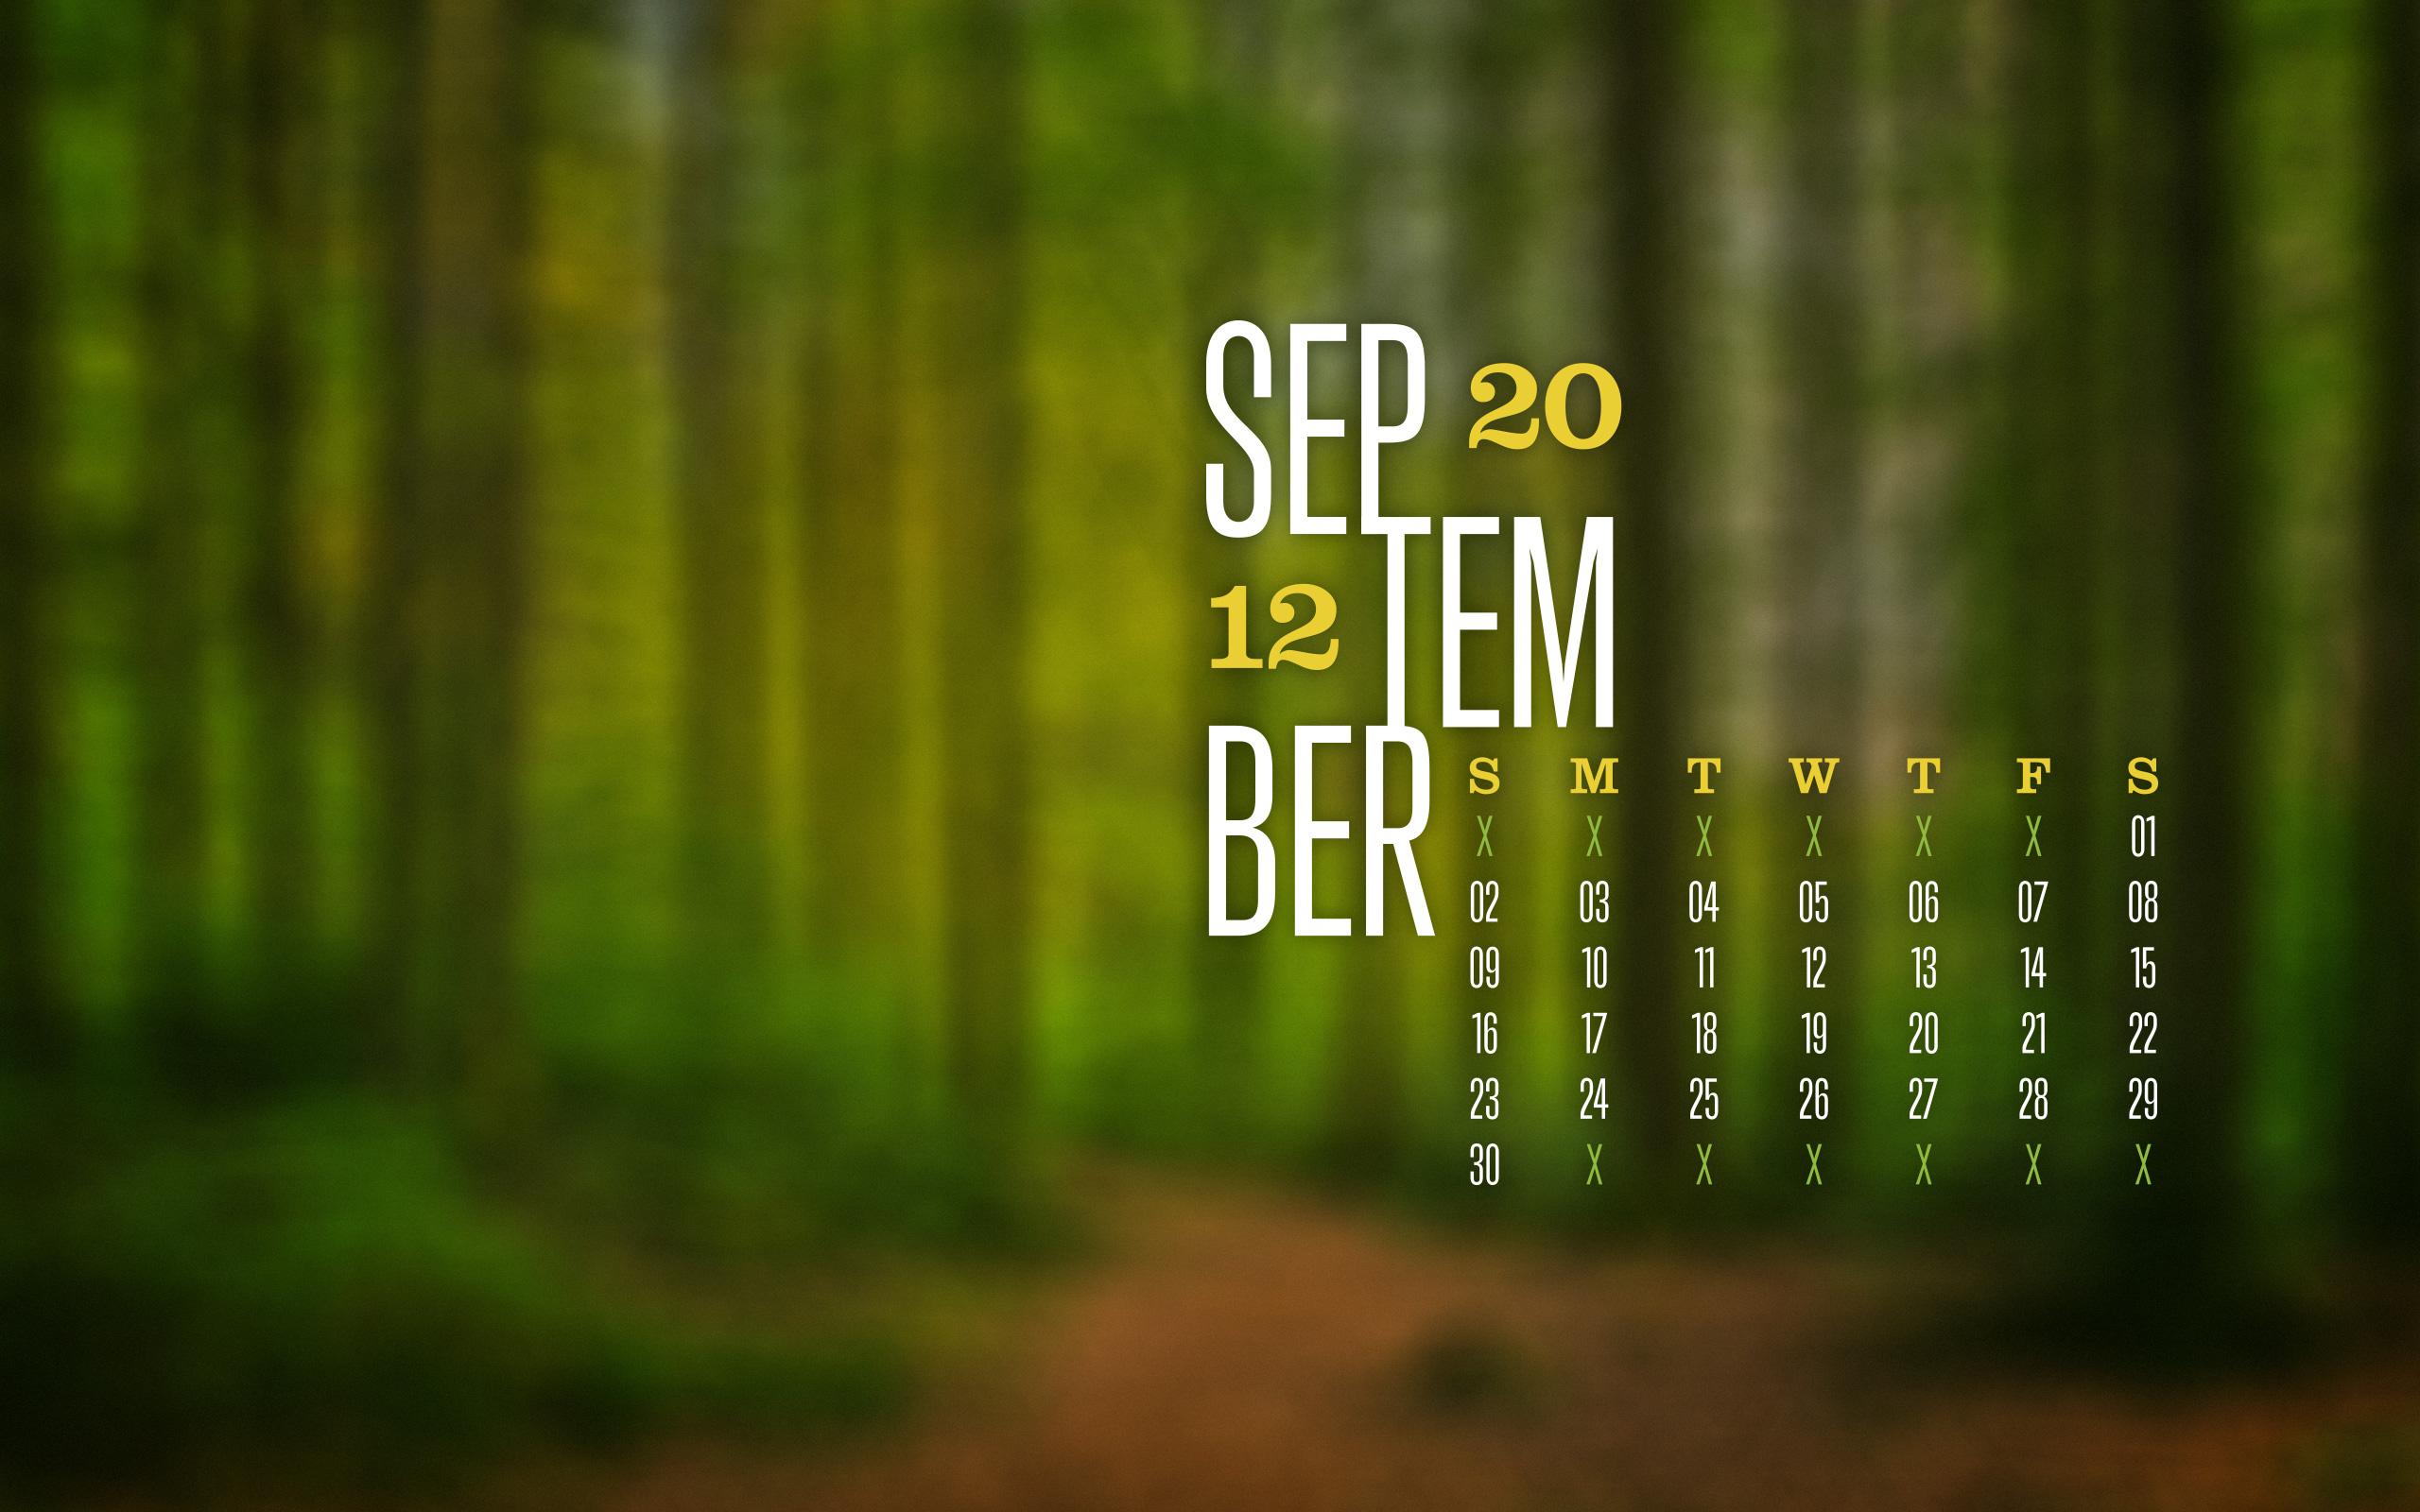 September 2012 Desktop Calendar Wallpaper Paper Leaf Design 2560x1600